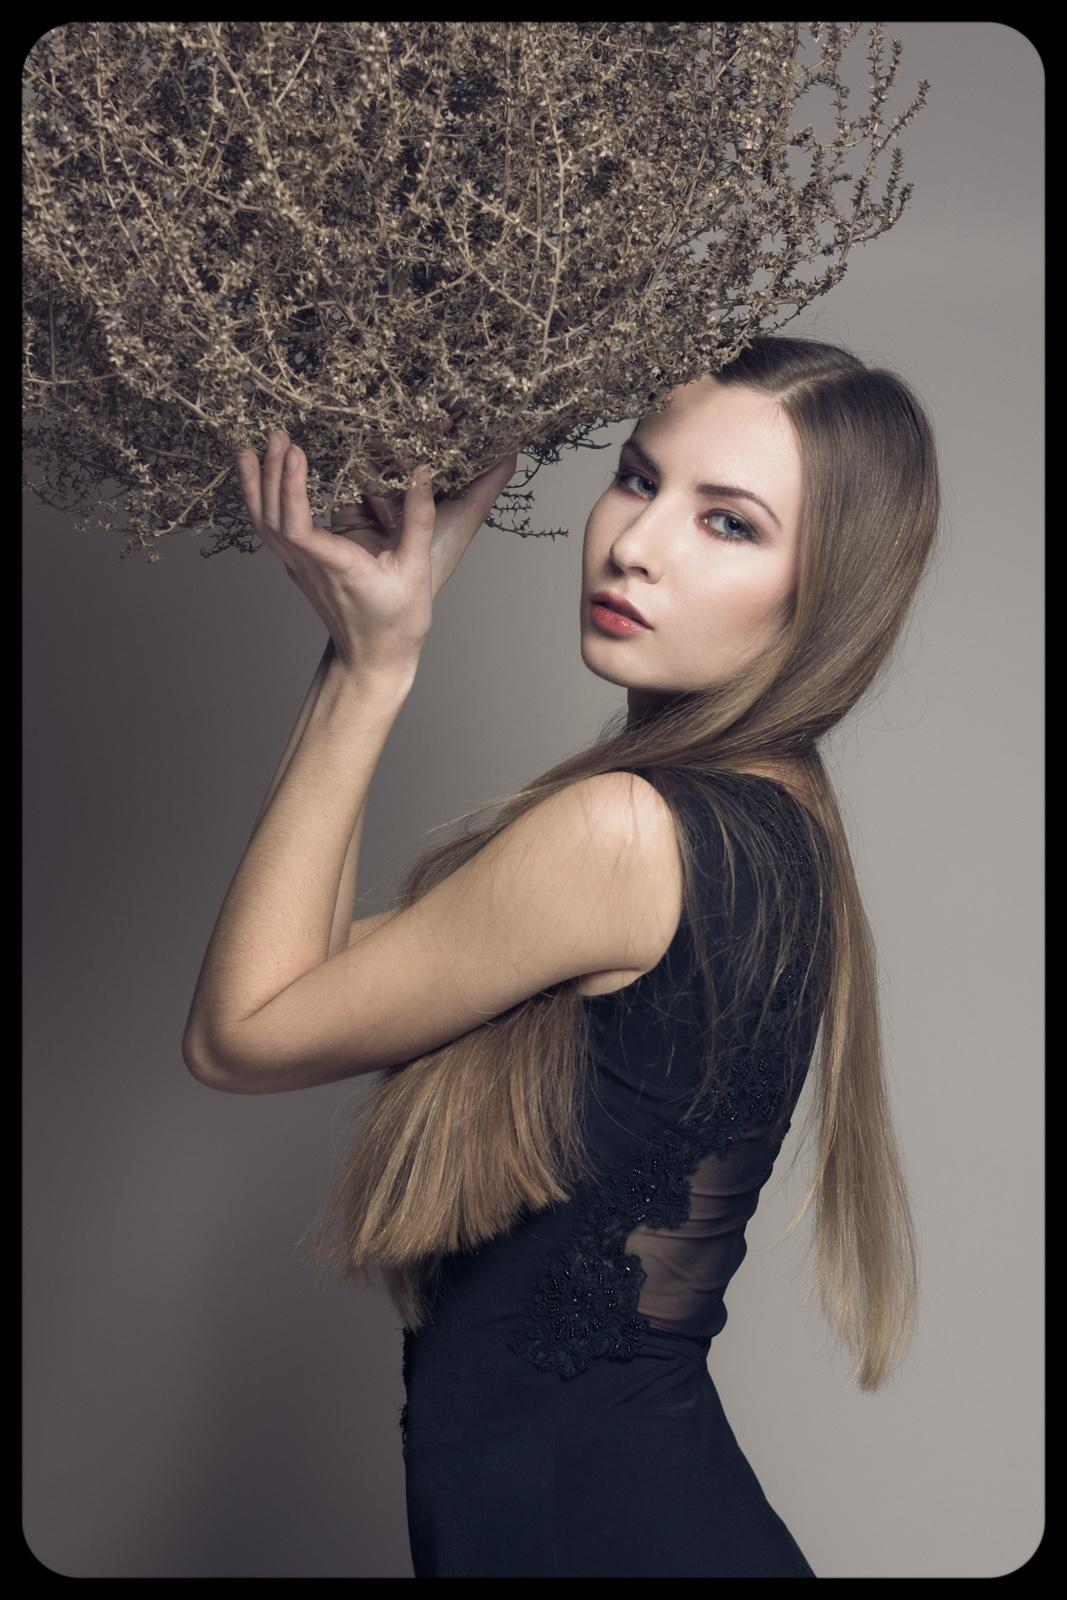 Portretowa sesja zdjęciowa w Rudzie Śląskiej. fot. Łukasz Cyrus